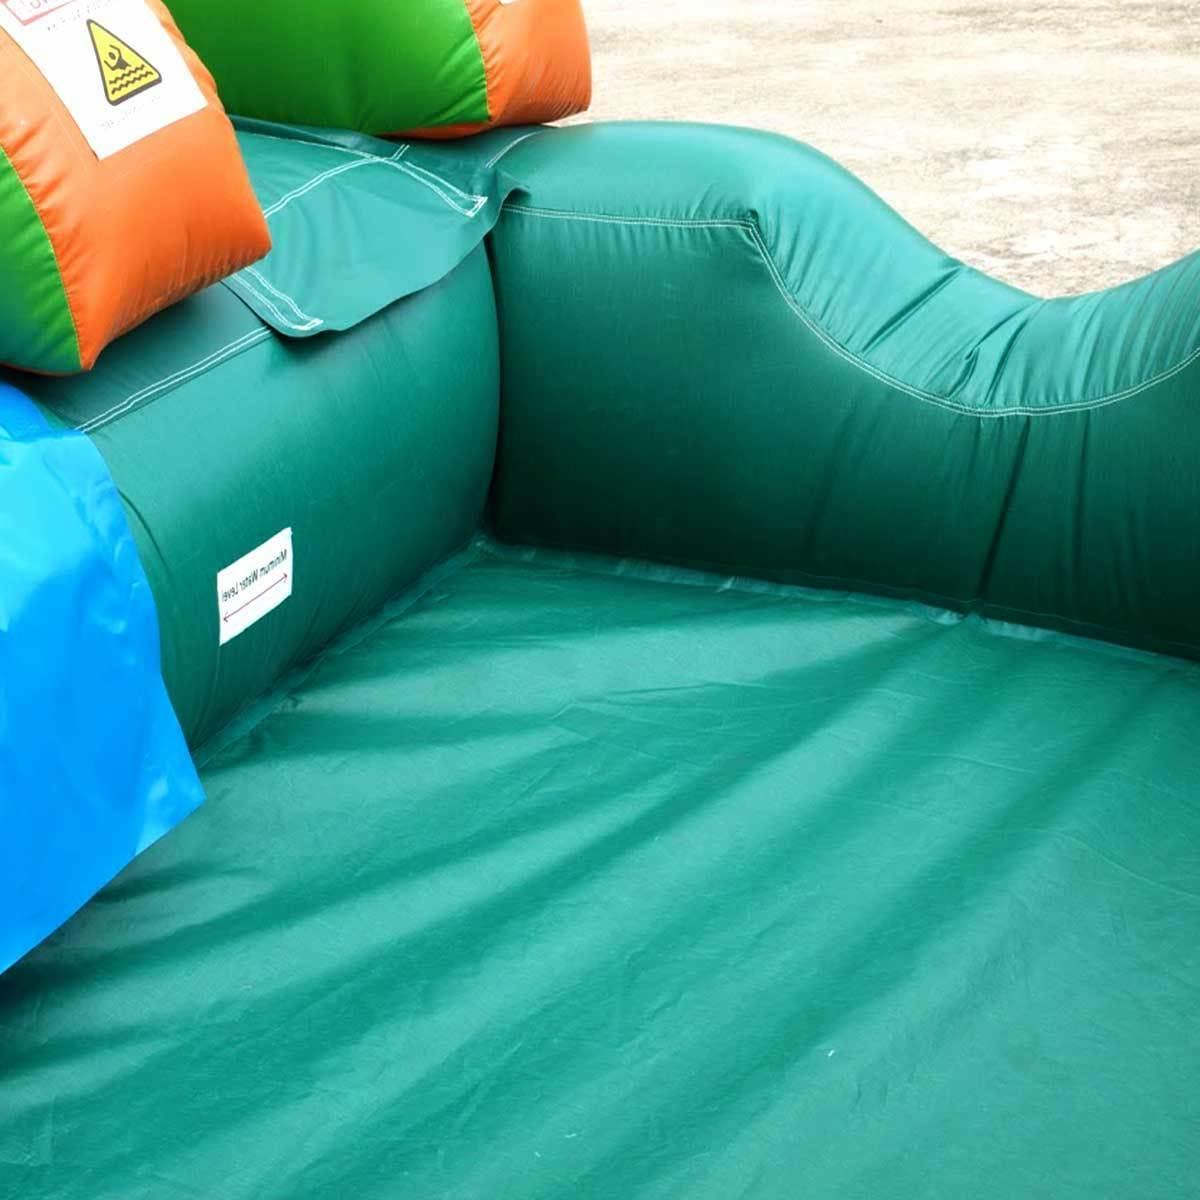 12' Water Slide Splash Pool With